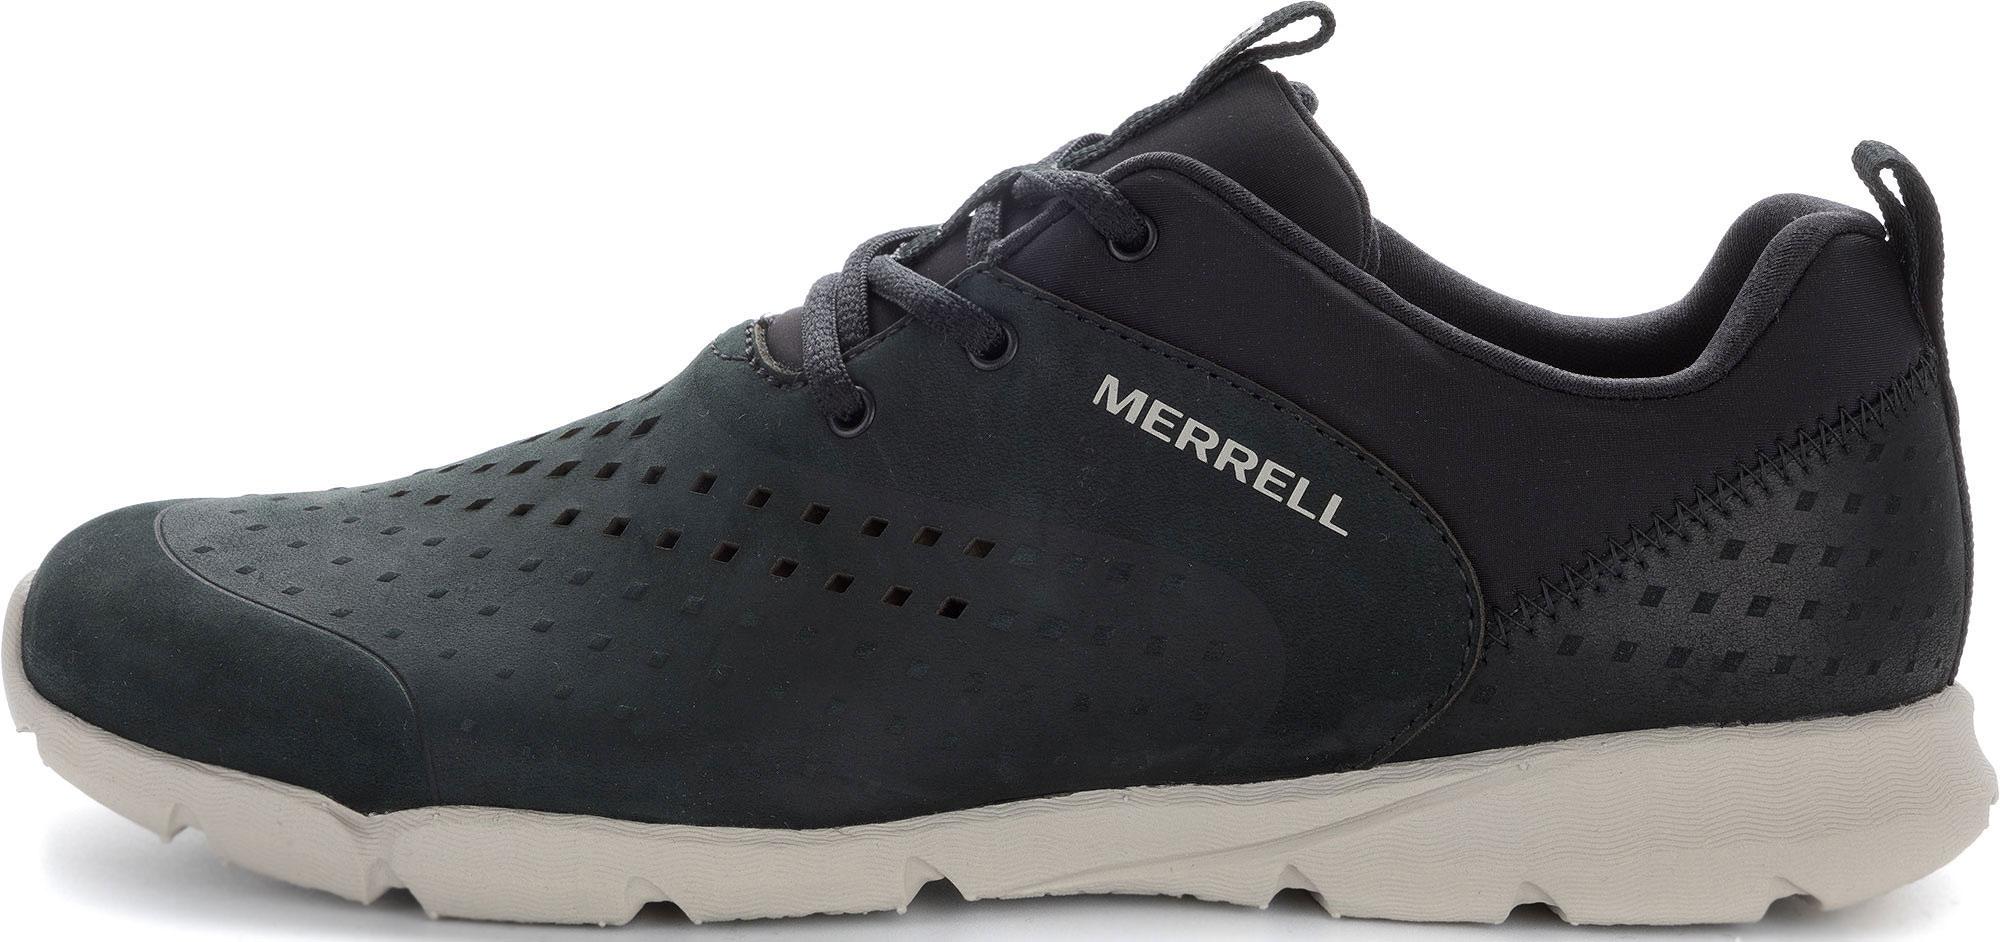 Merrell Полуботинки женские Merrell Flora Sport Vent, размер 36 полуботинки женские betsy цвет белый 987012 01 05 размер 36